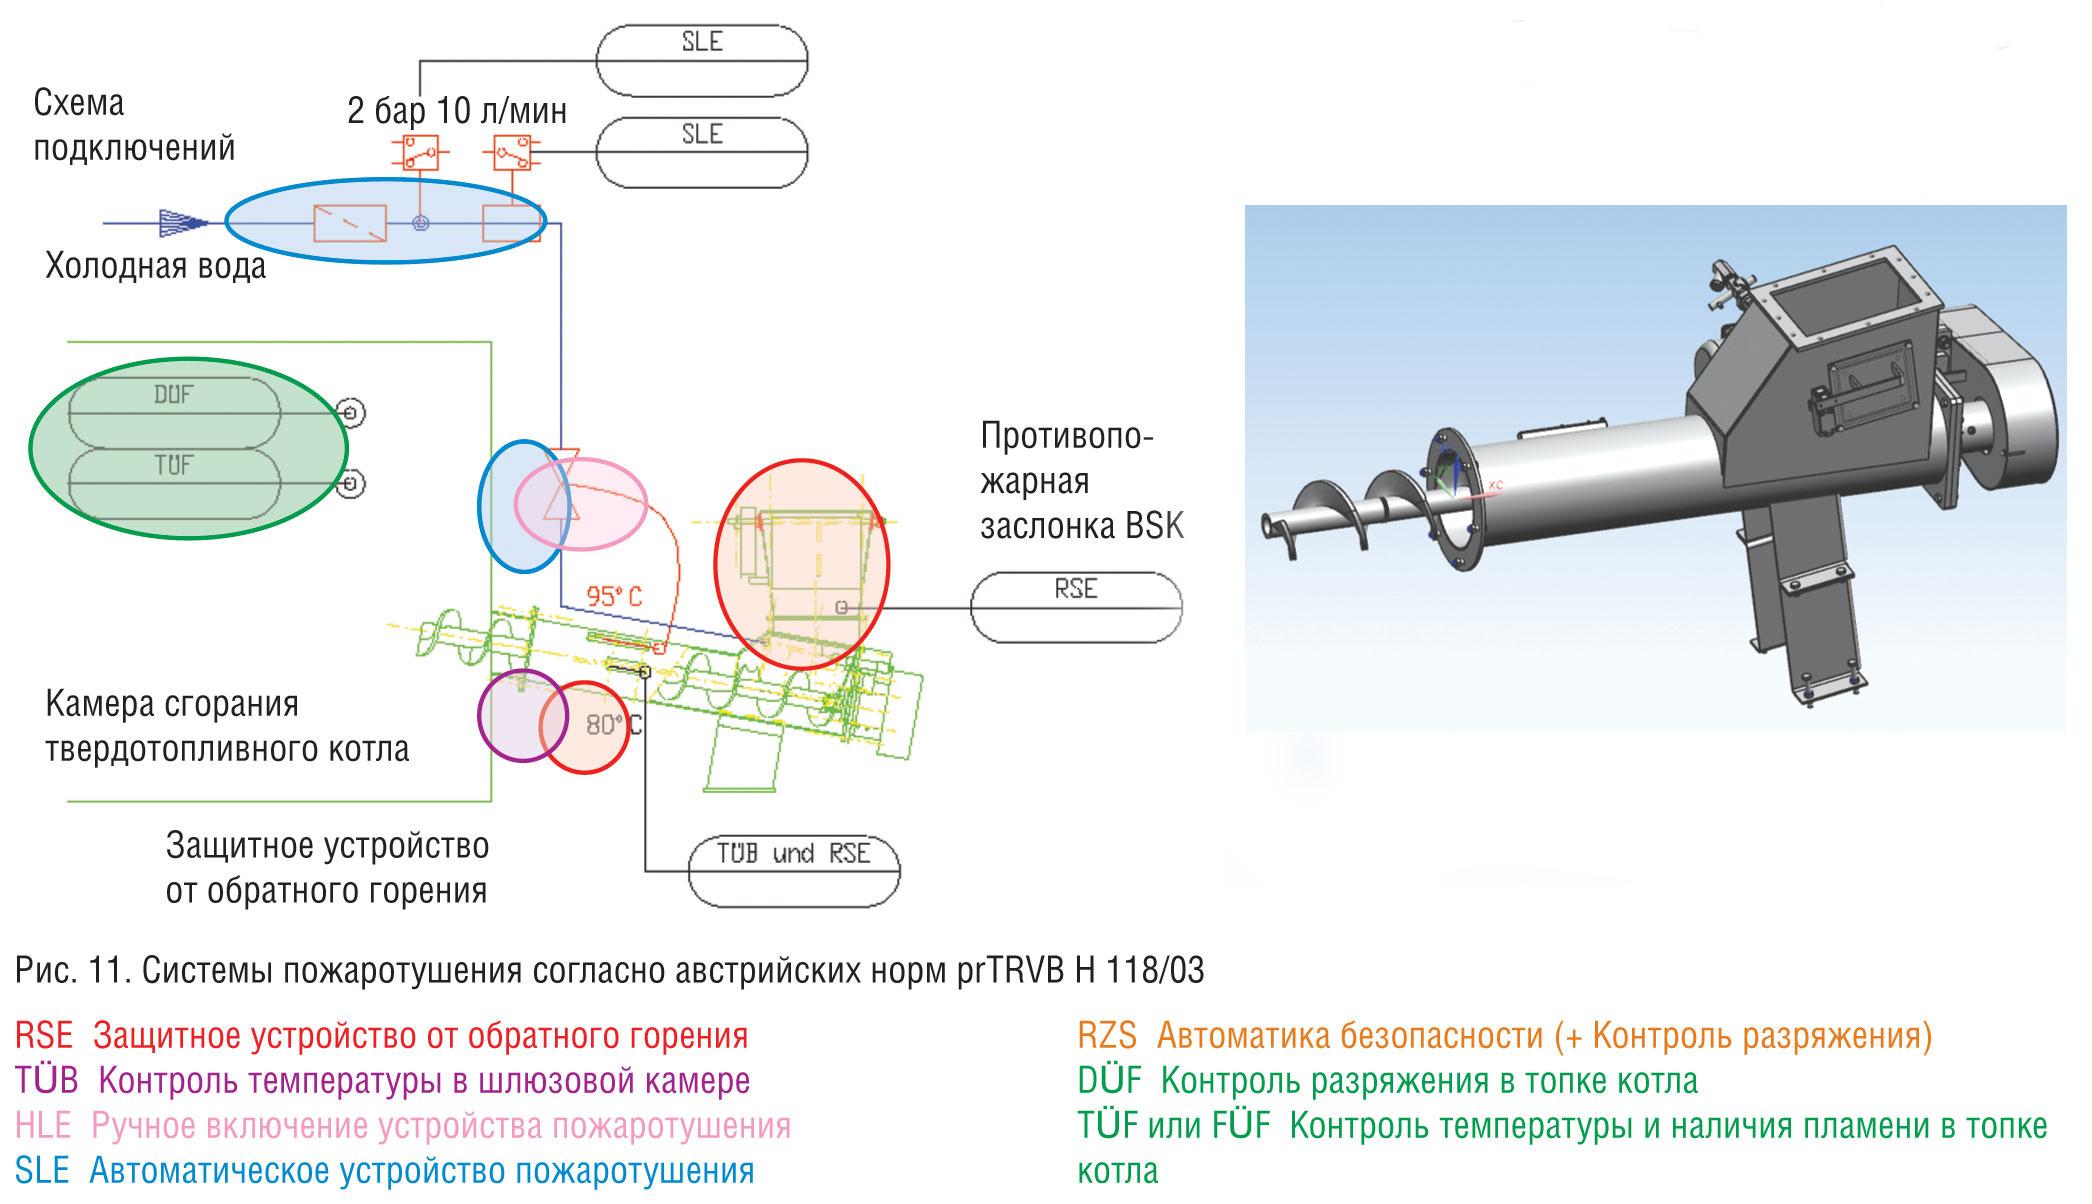 nacionalnie_osobennosti_tverdotoplivnih_tehnologii_13.jpg